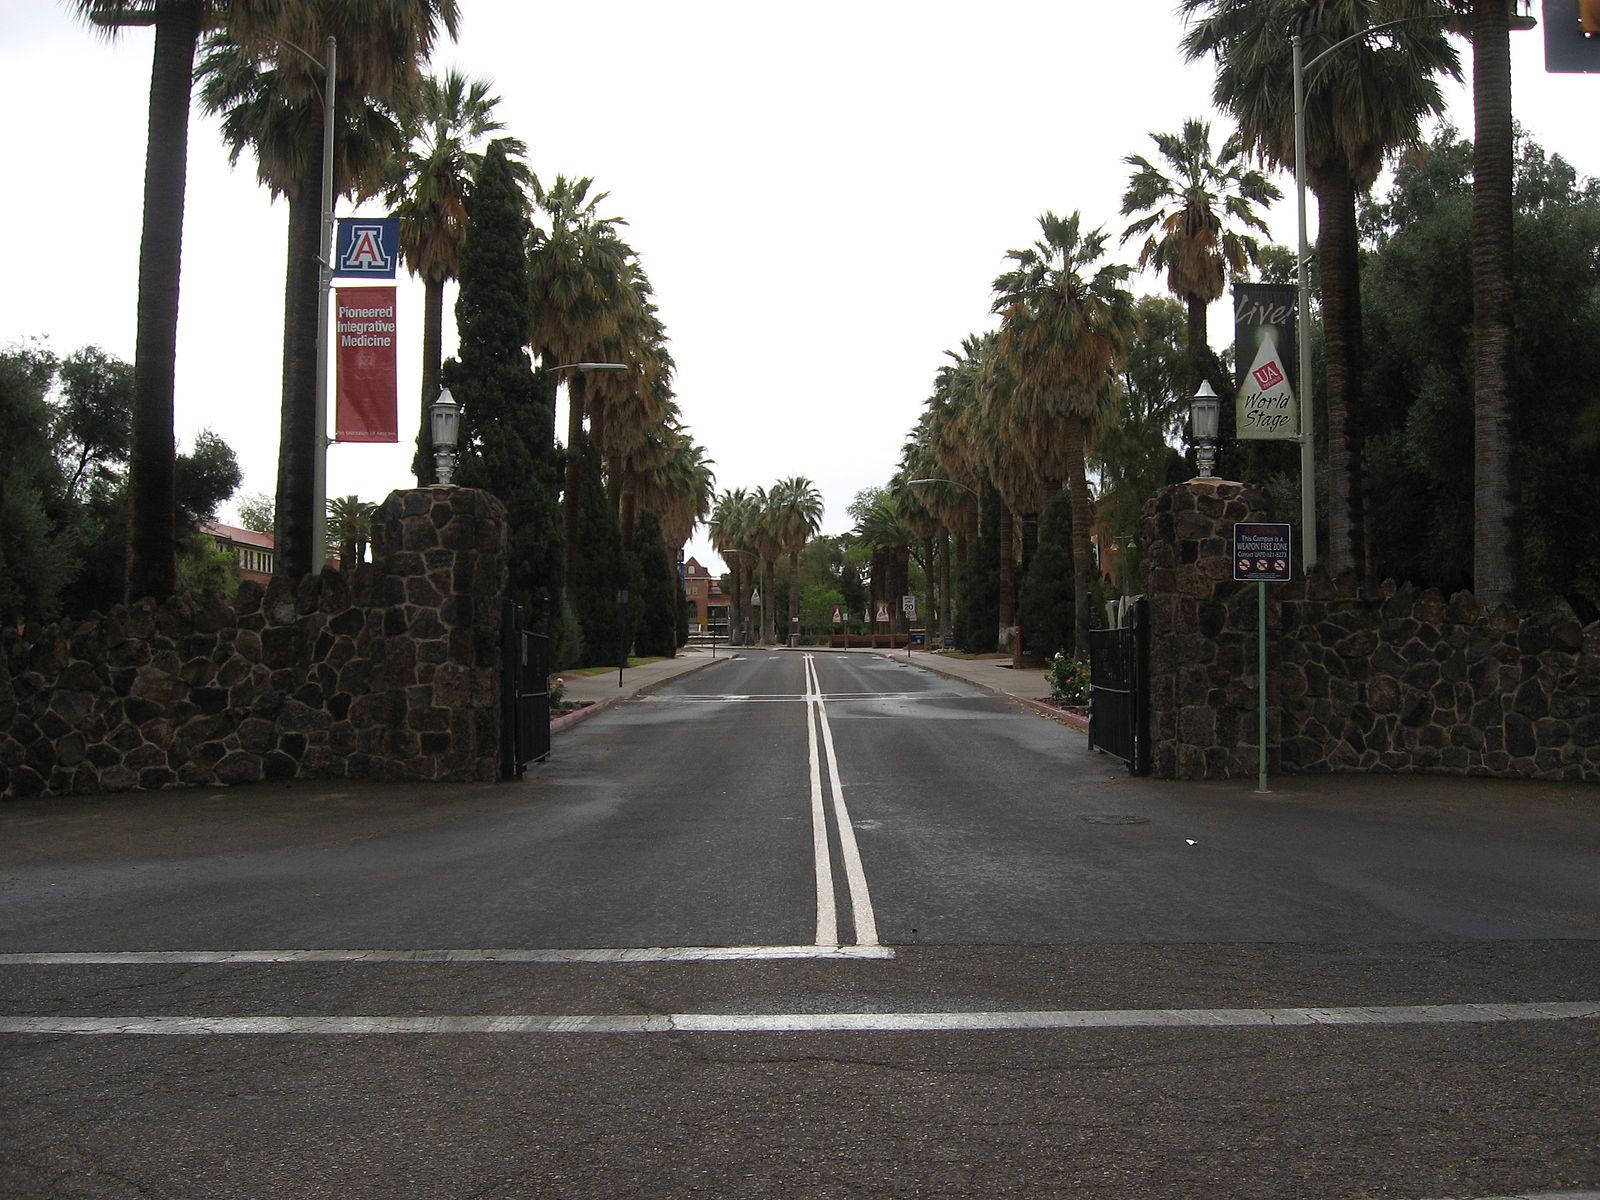 Main_Gate_University_of_Arizona_3442861709.jpg